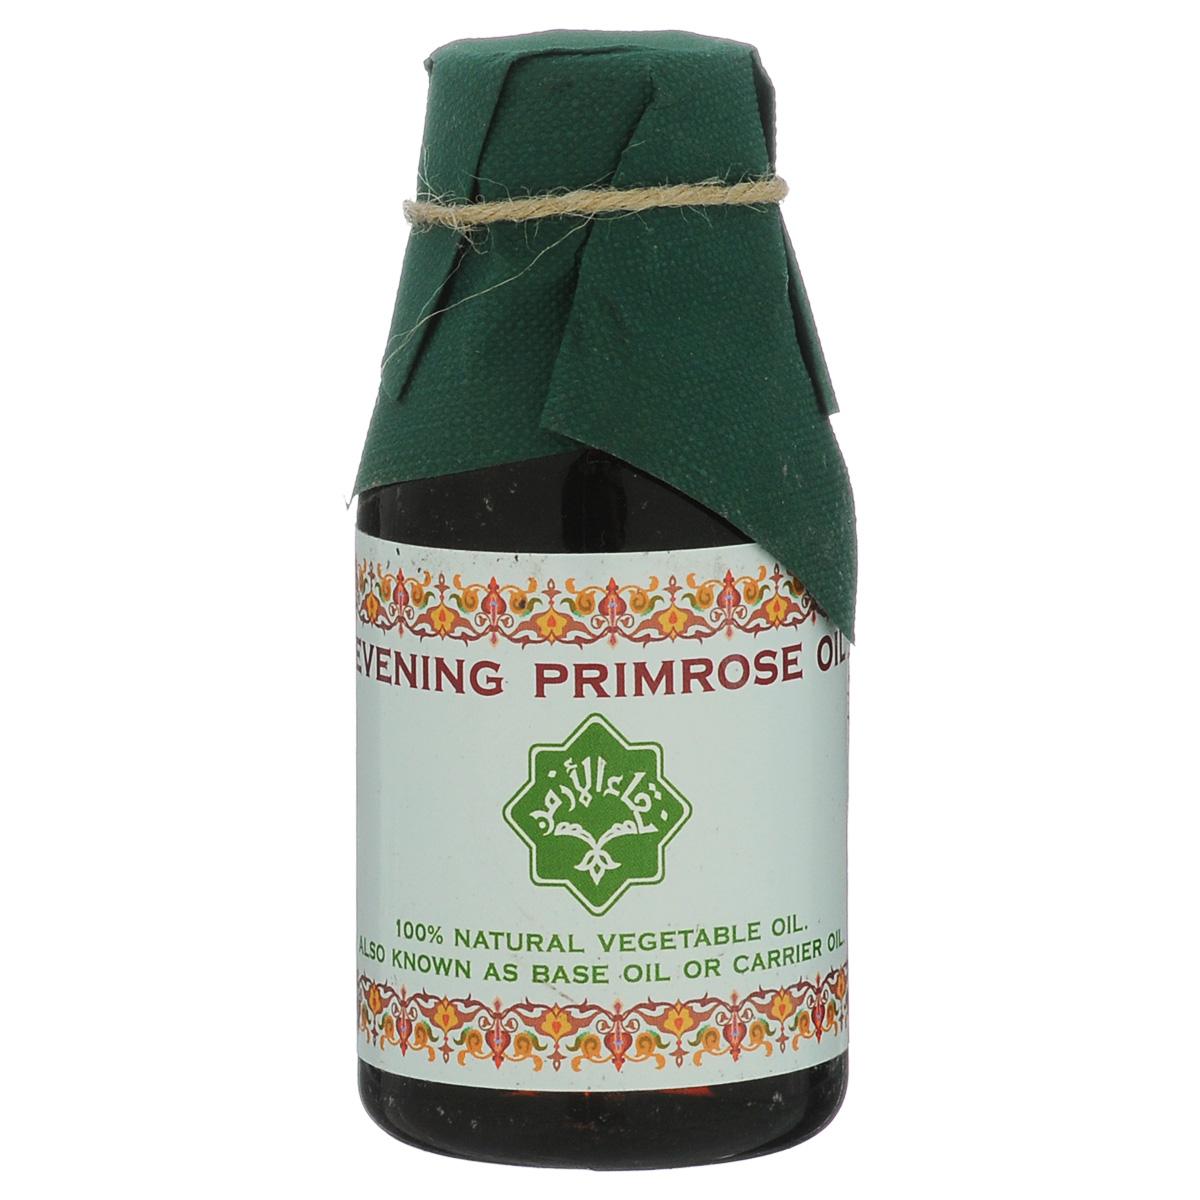 Зейтун Масло Примула вечерняя, 100 млZ3320Масло примулы вечерней Зейтун — 100% натуральное. Производится из растения, которое содержит наибольшее в природе количество гамма-линоленовой кислоты — 10%. Усиливаясь входящим в состав антиоксидантным витамином Е, масло примулы вечерней имеет целебное действие при экземе, псориазе, раздражениях и перхоти. Выводит пигментные пятна. Увлажняет и питает кожу, смягчает и разглаживает морщинки, предотвращая ее старение и делая красивой и свежей.